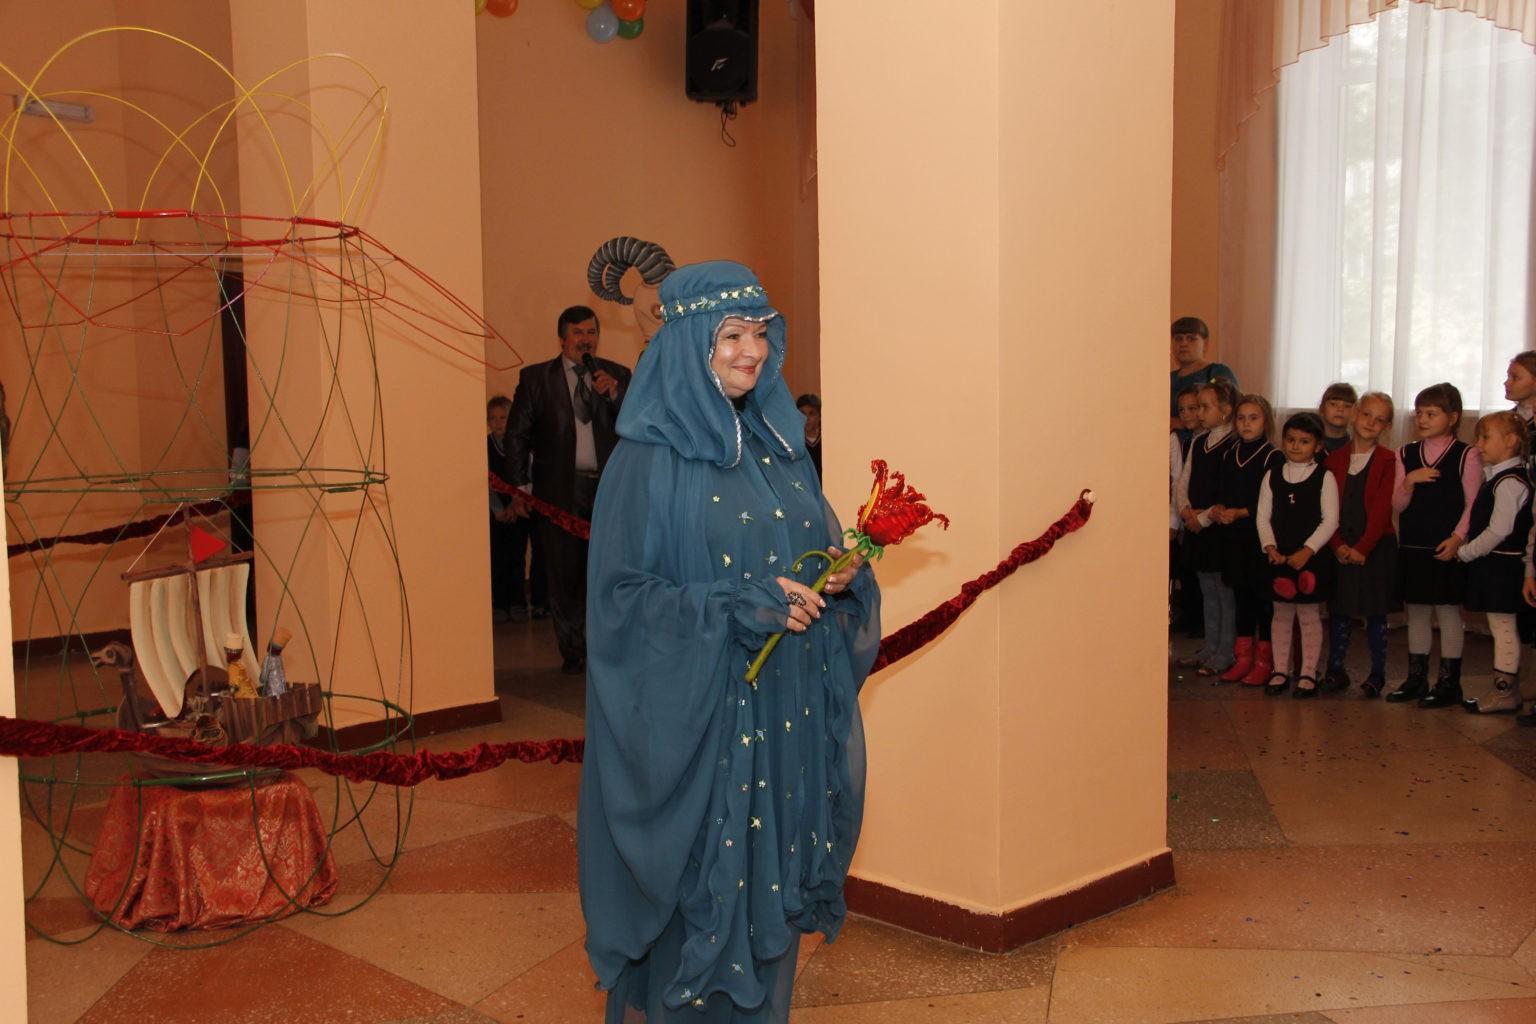 Г. Романова на открытии 74 театрального сезона в театре кукол «Сказ», 2015 г.: фотография